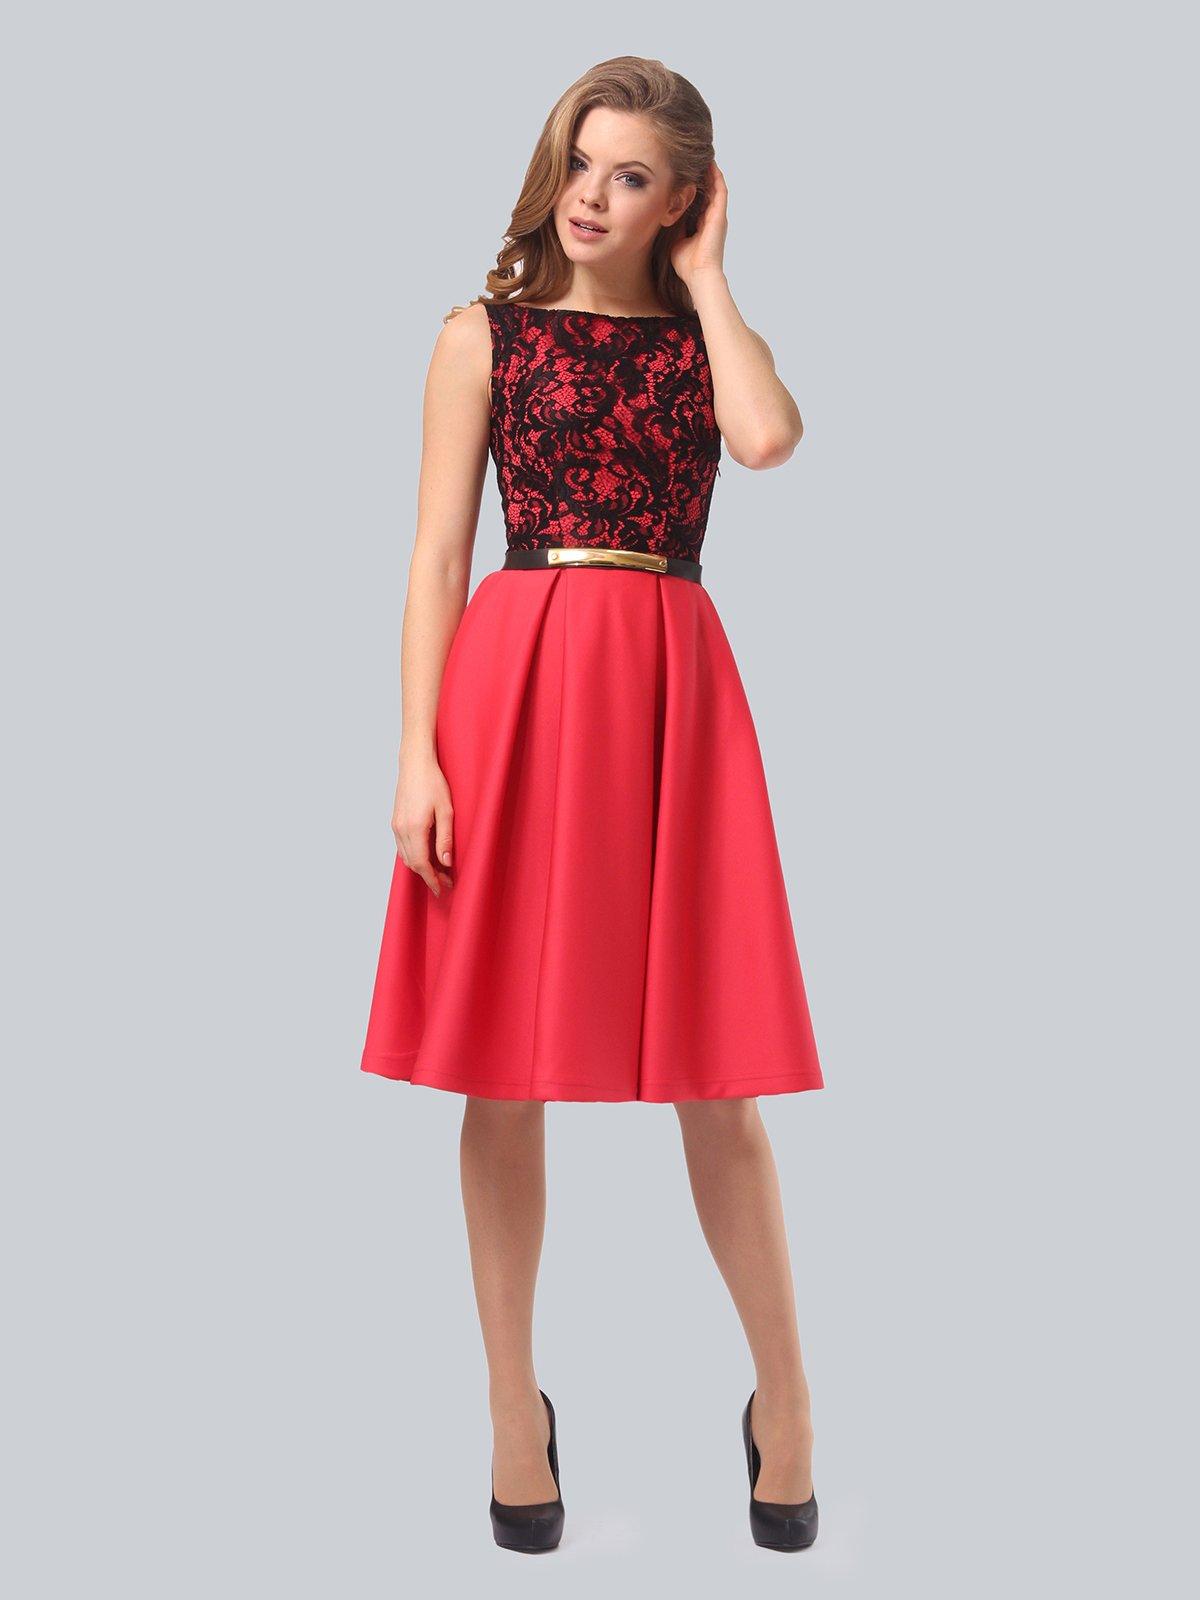 Платье кораллово-черное   3863268   фото 2